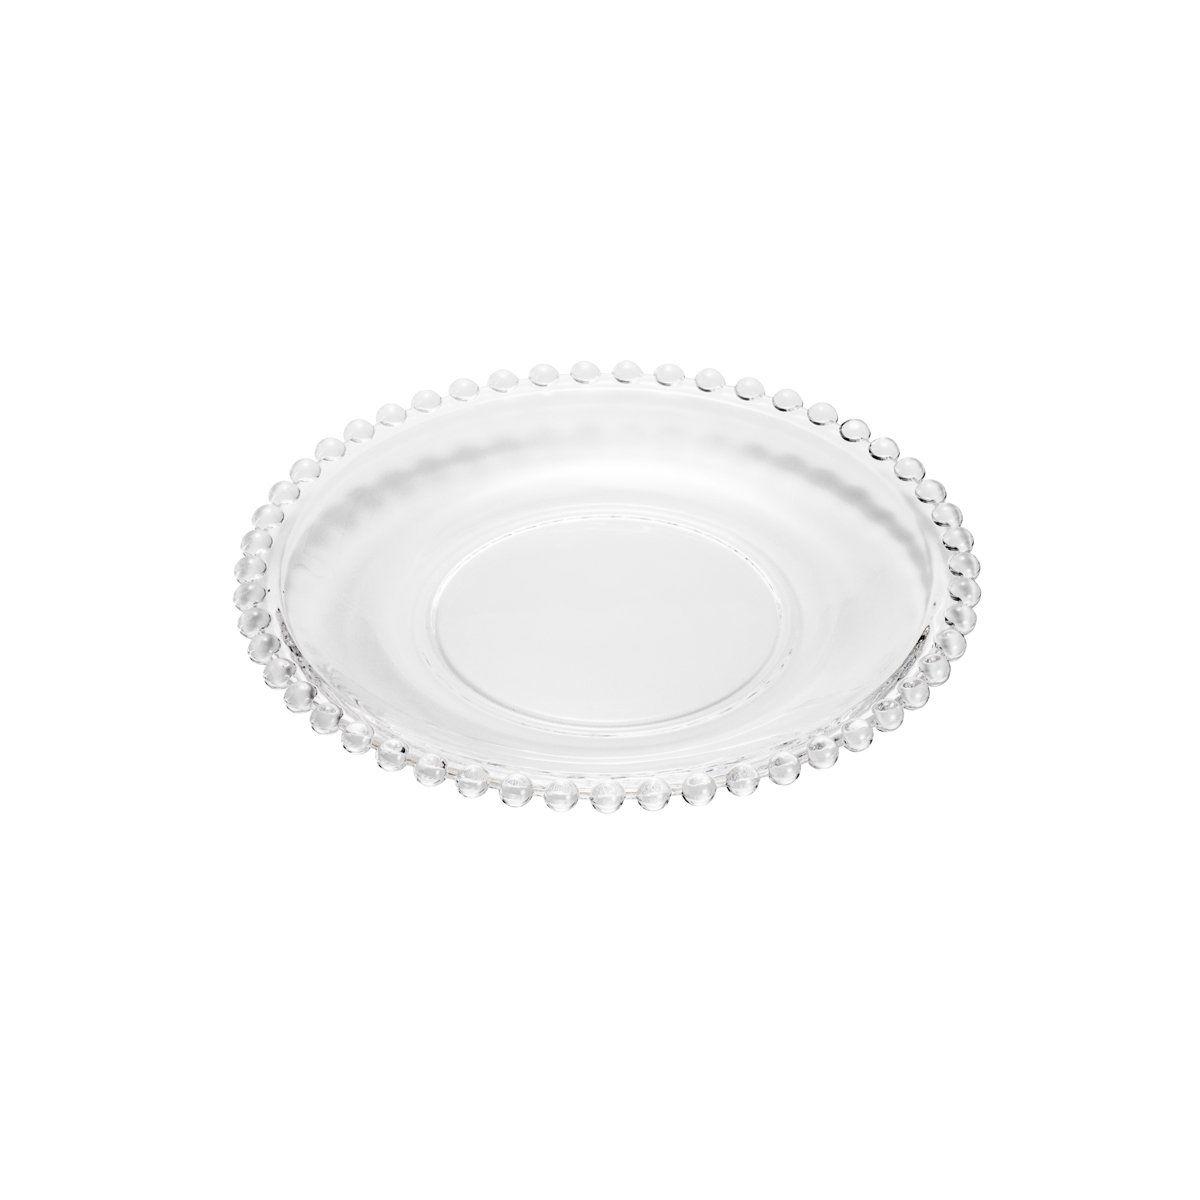 Jogo 4 pratos 19 cm para sobremesa de cristal transparente Pearl Wolff - 2672